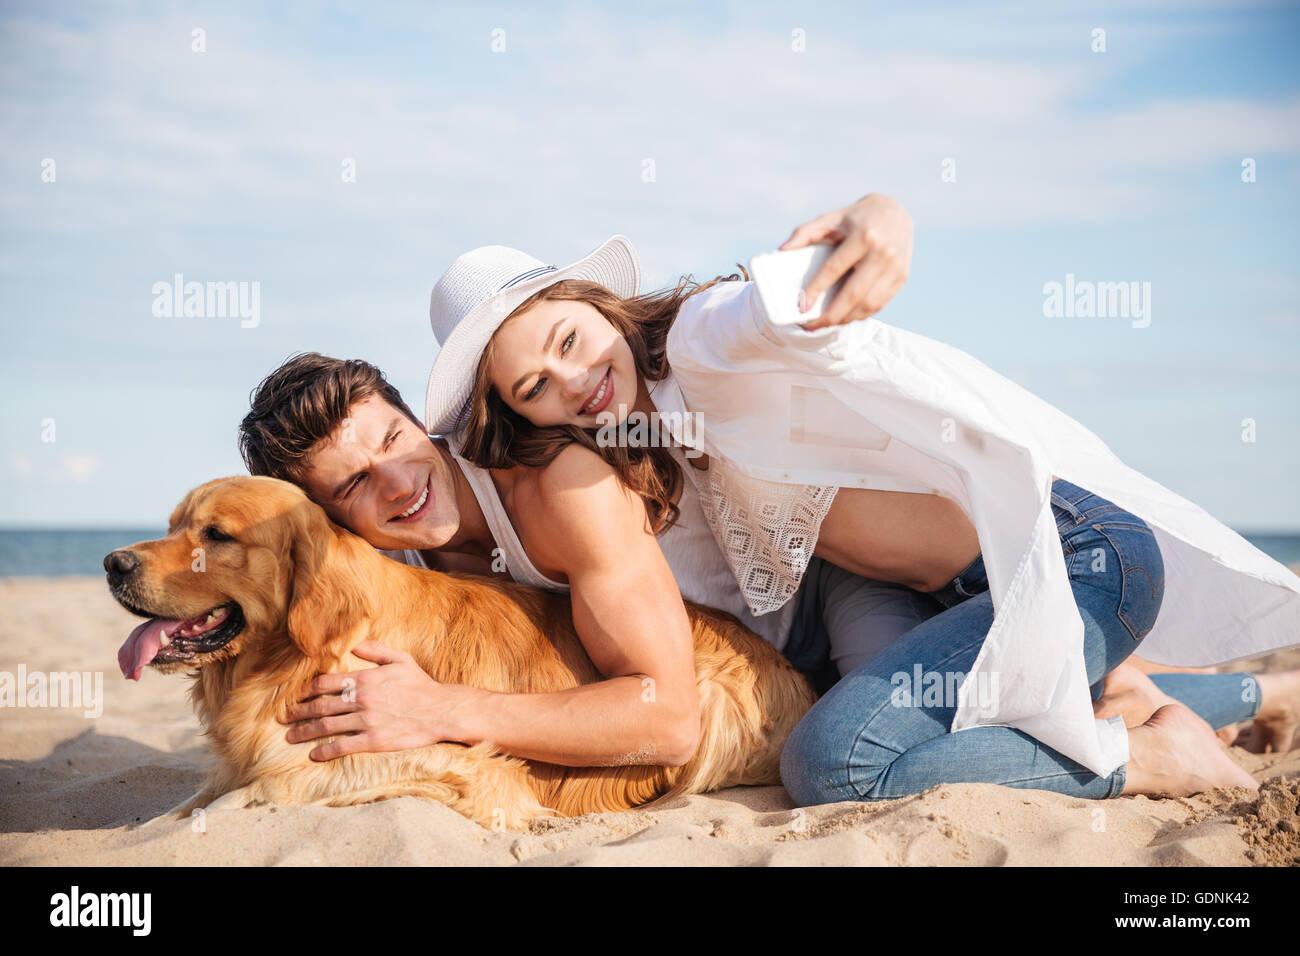 Sonriente joven pareja con perro selfie hablando con el smartphone en la playa Imagen De Stock